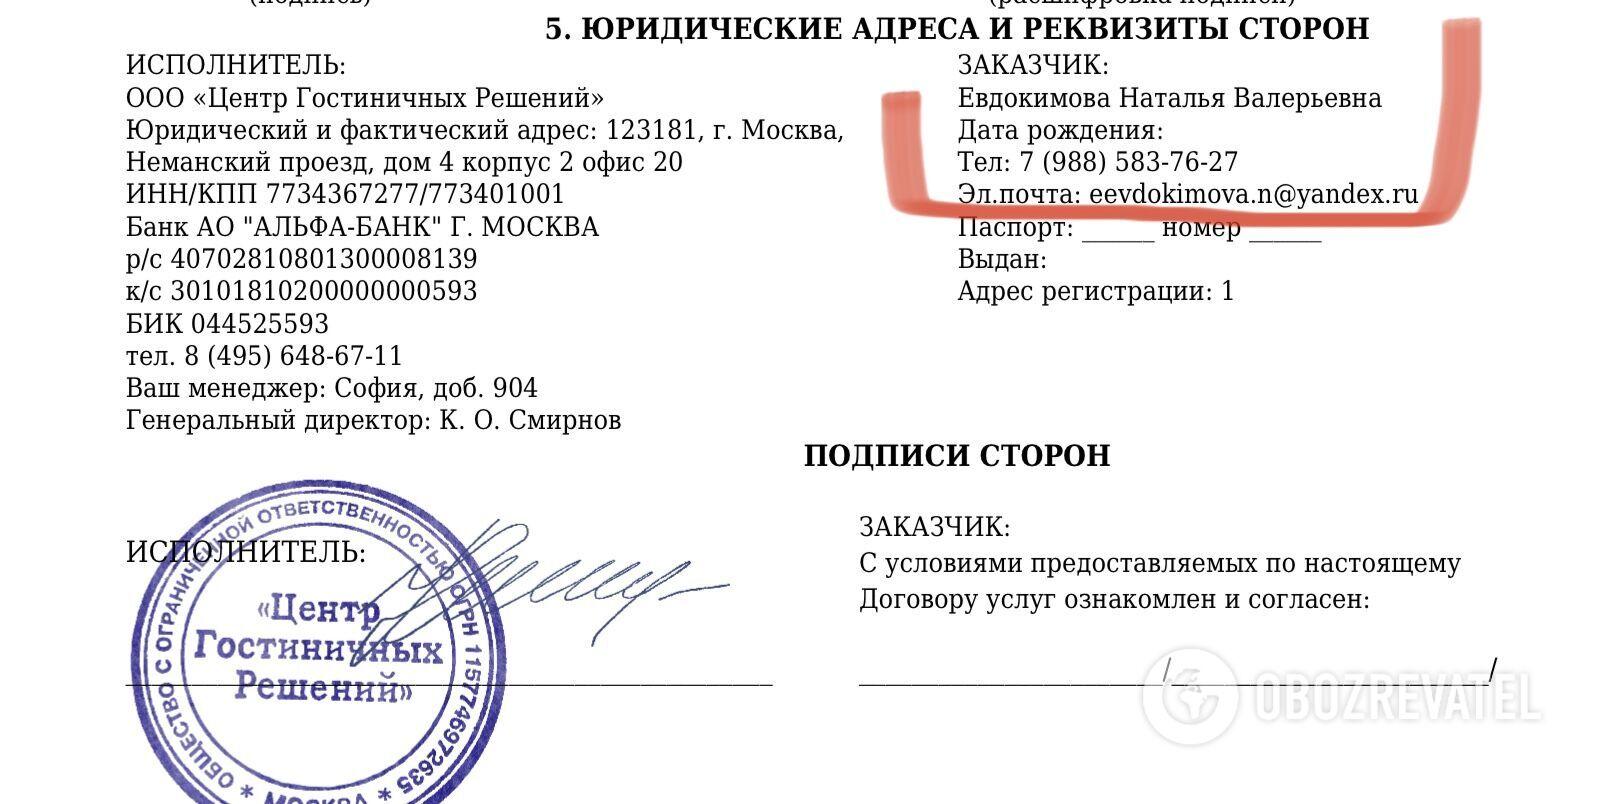 Договір на відпочинок у Криму